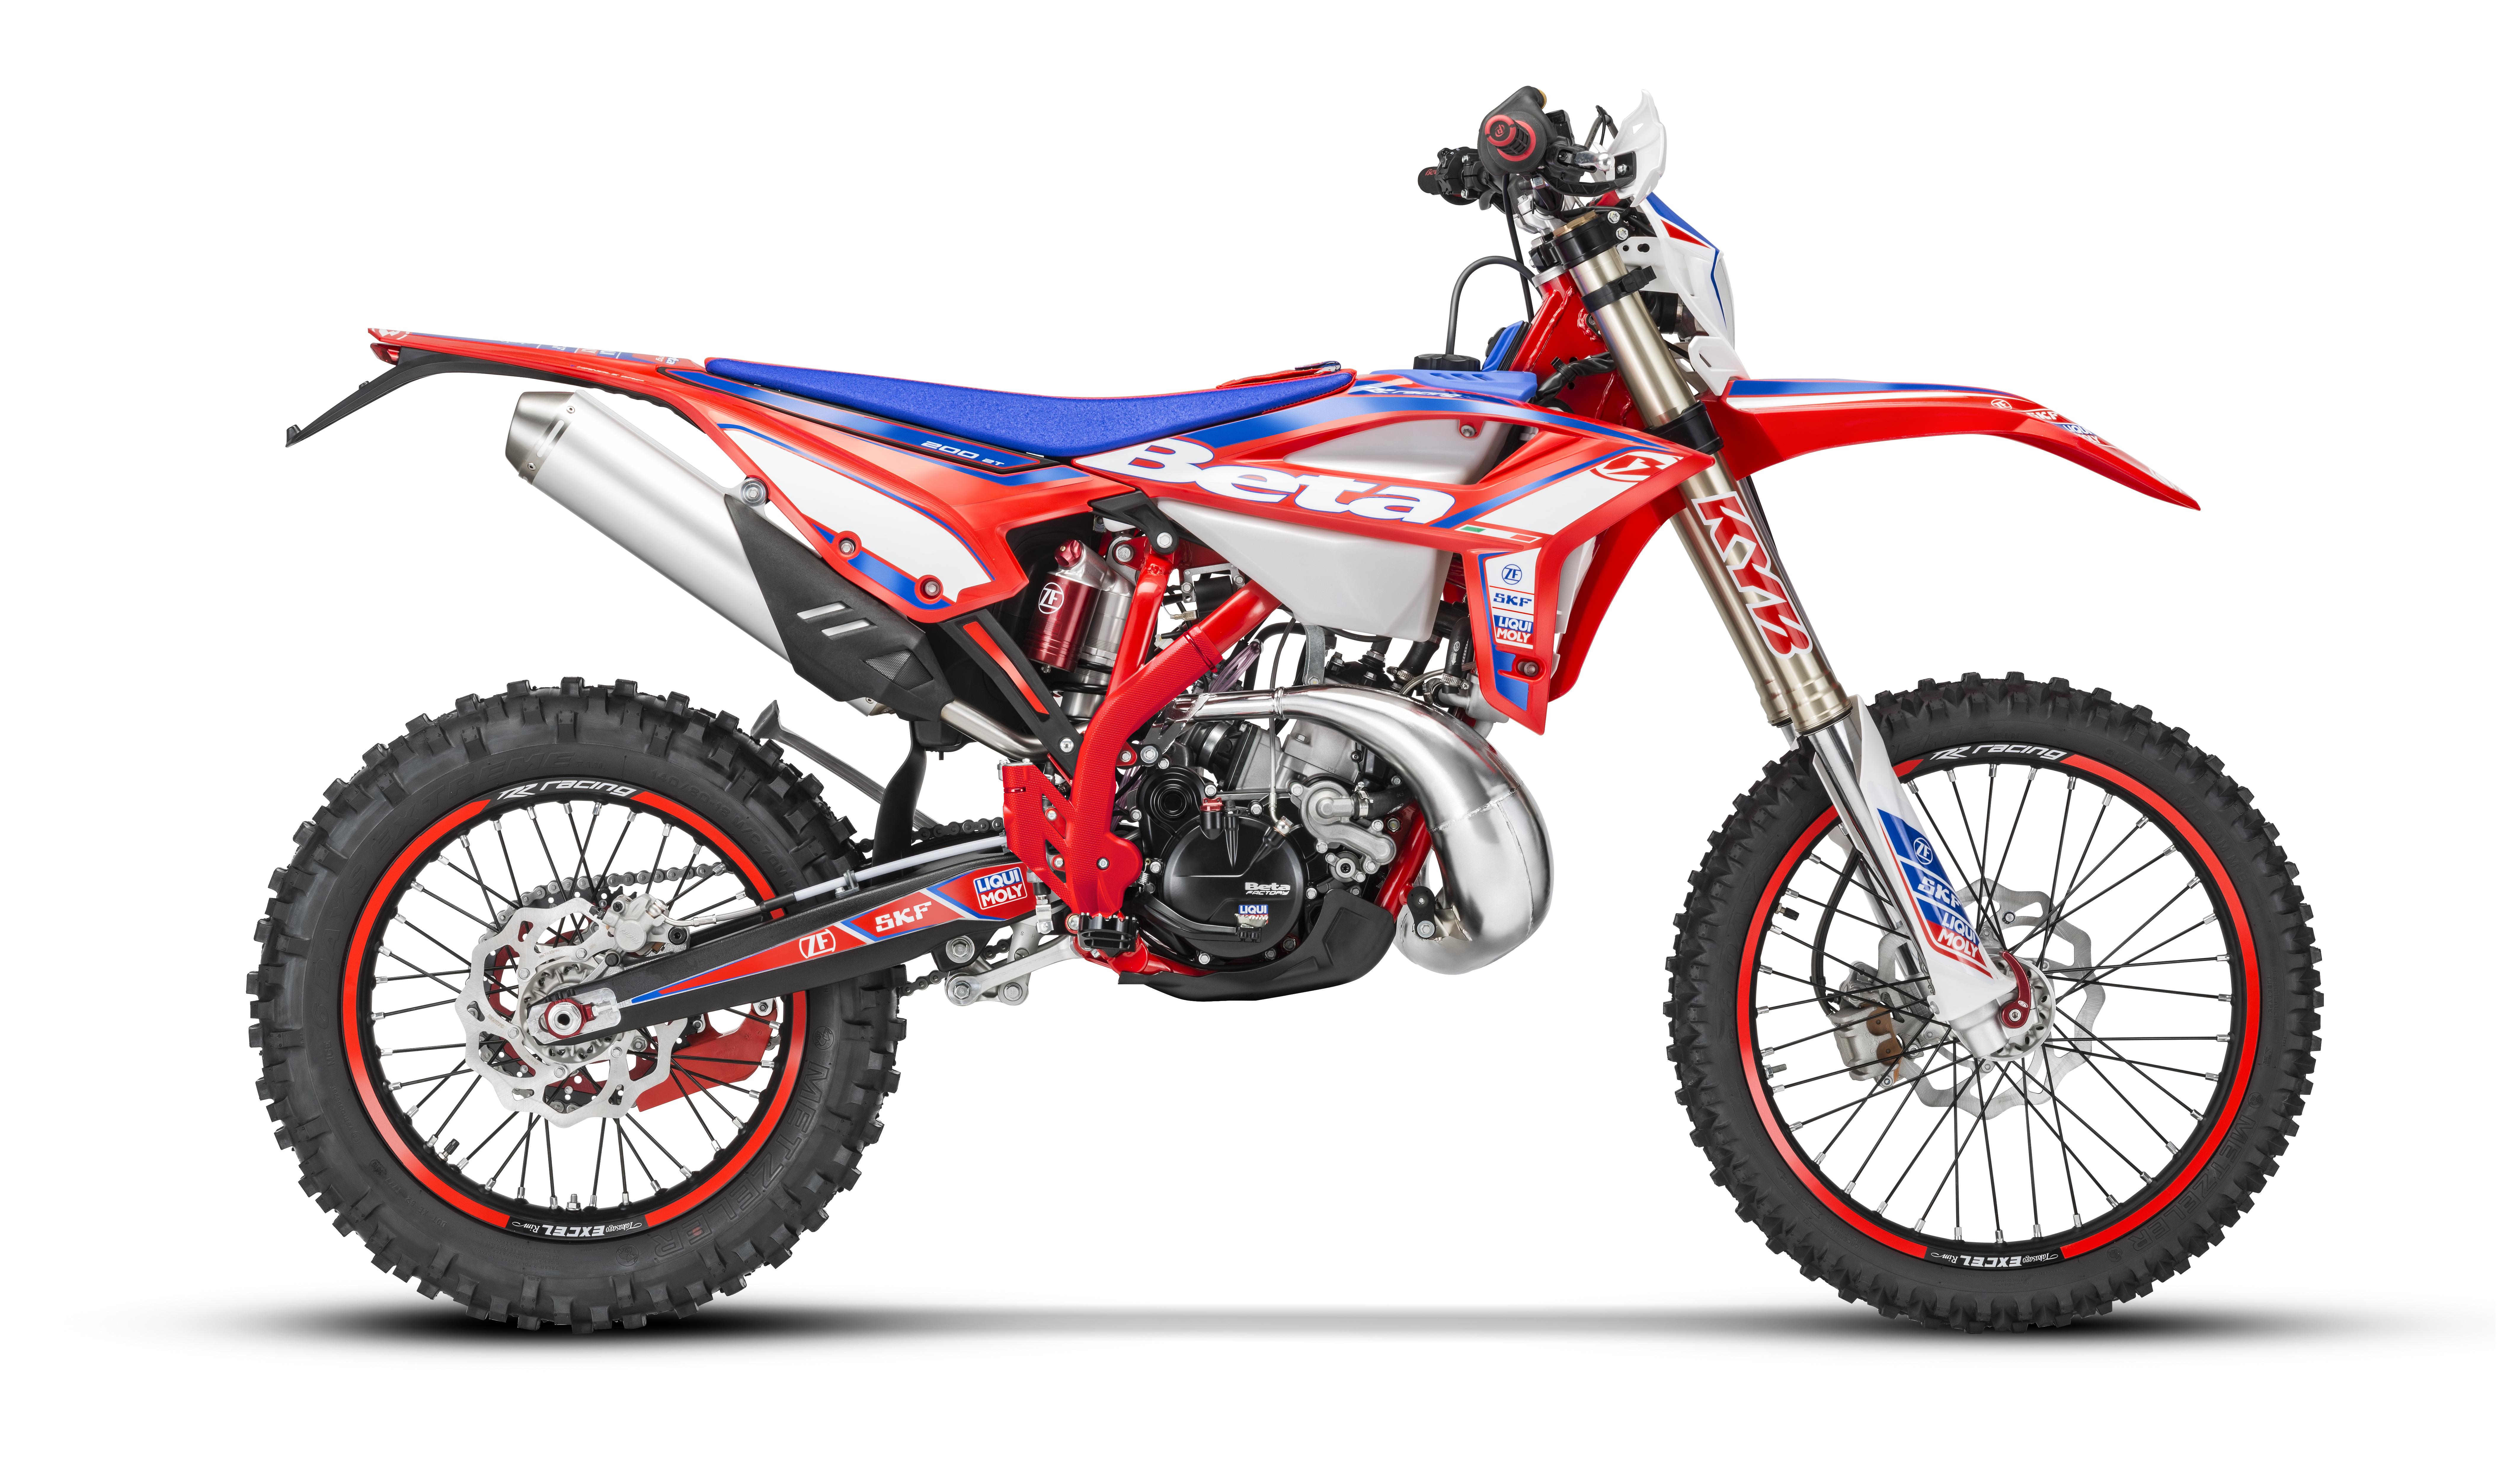 RR 200 Racing